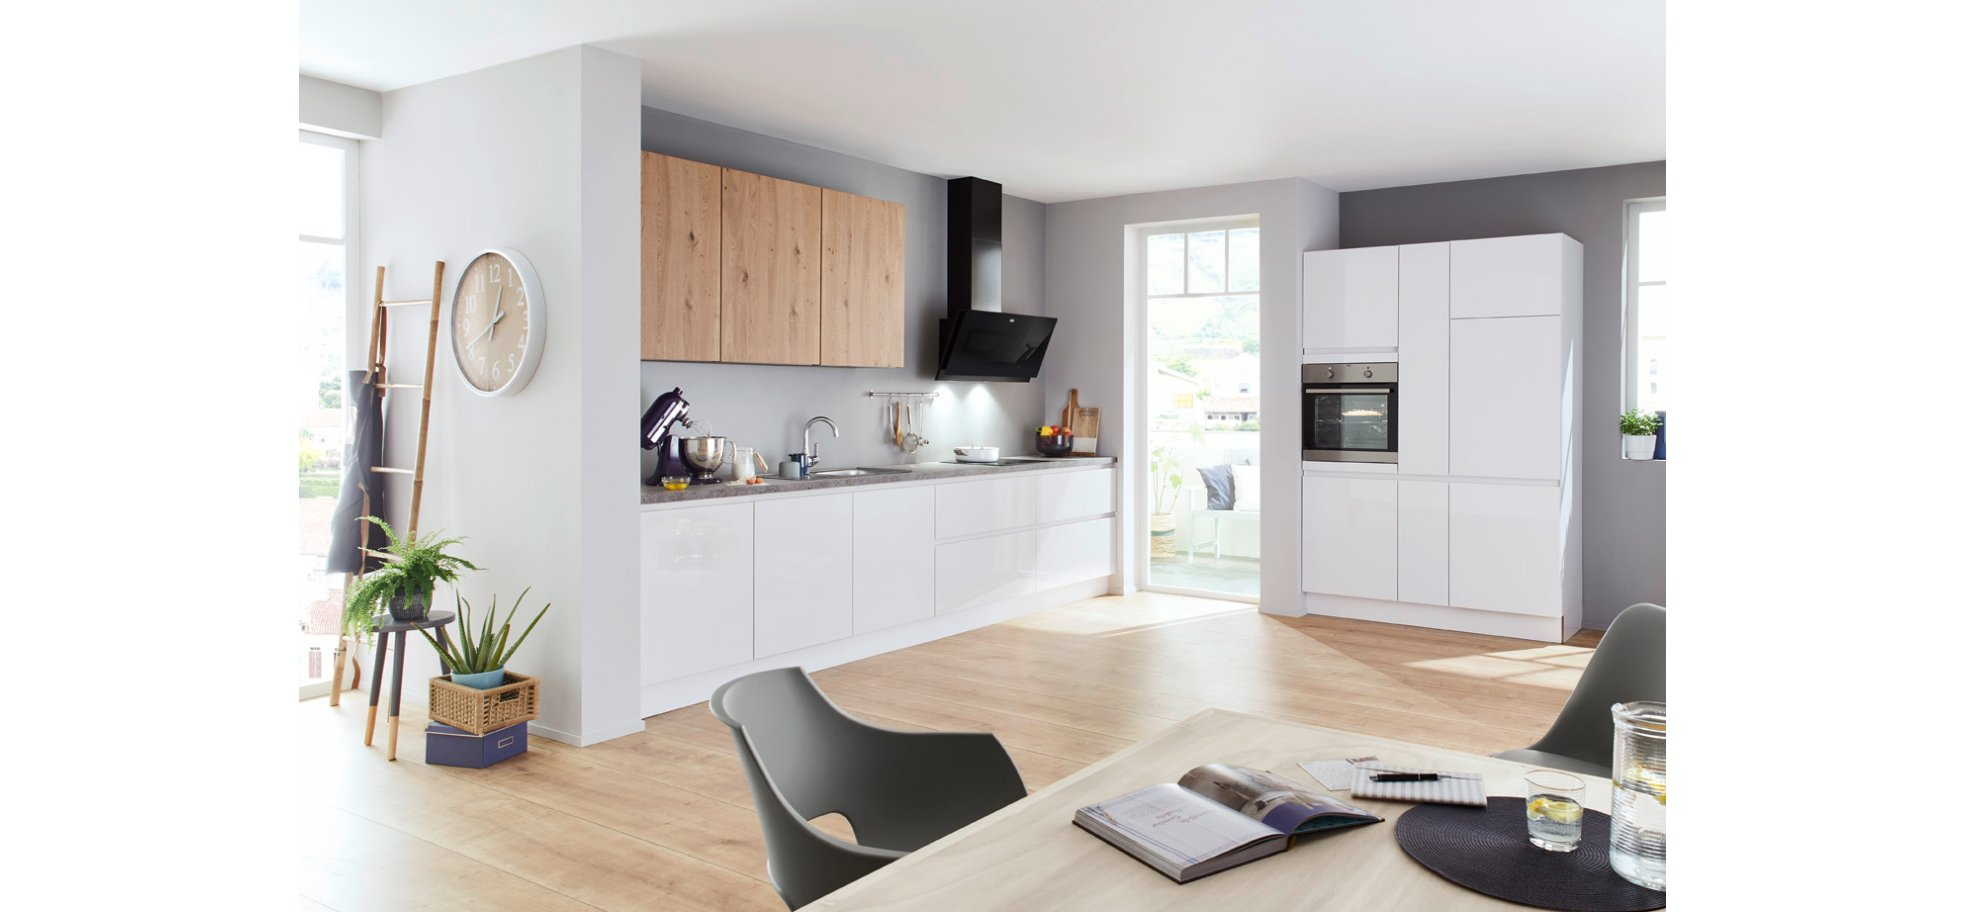 Elegante Küche in Articweiß Hochglanz und Eiche Pinot Echtholz mit  Markentechnik von AEG.